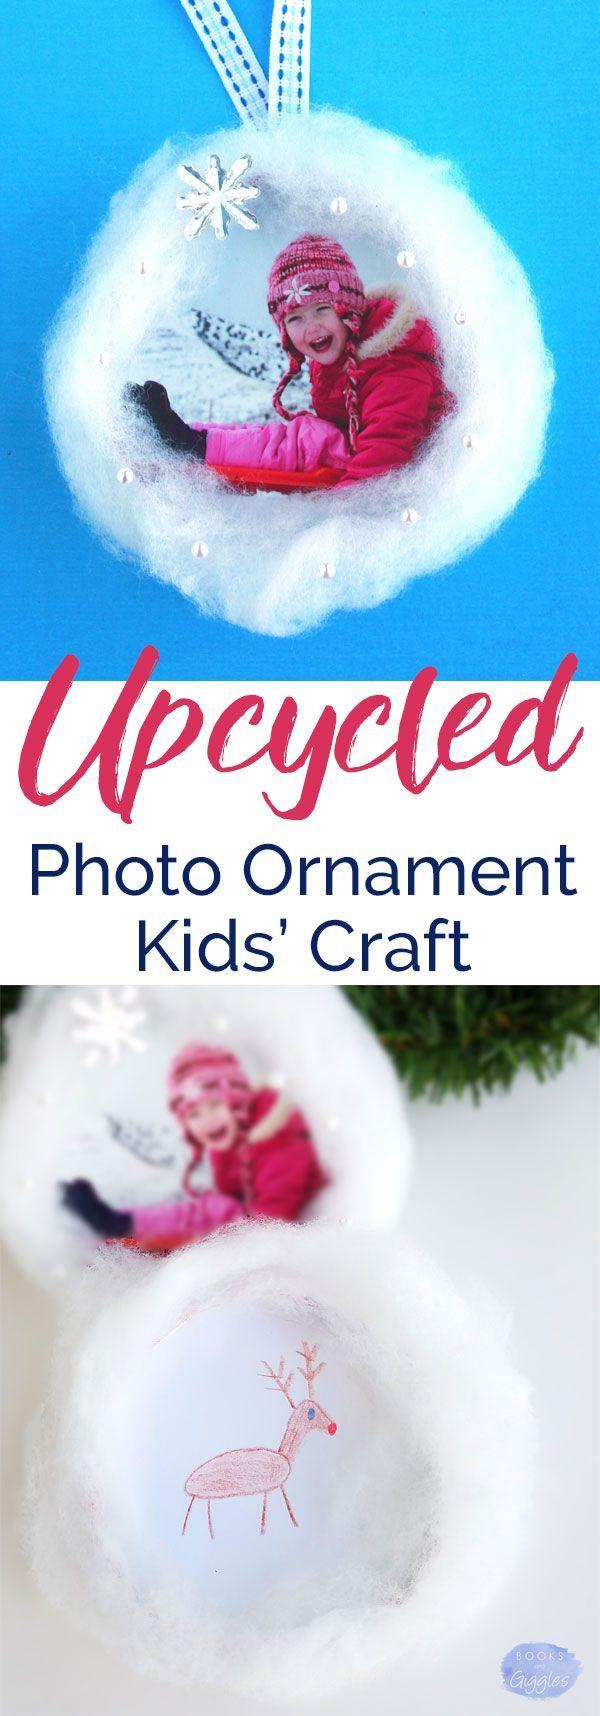 Kids Christmas ornament   How to make a photo ornament with a 3-D snowy scene. A fun kids Christmas craft idea!